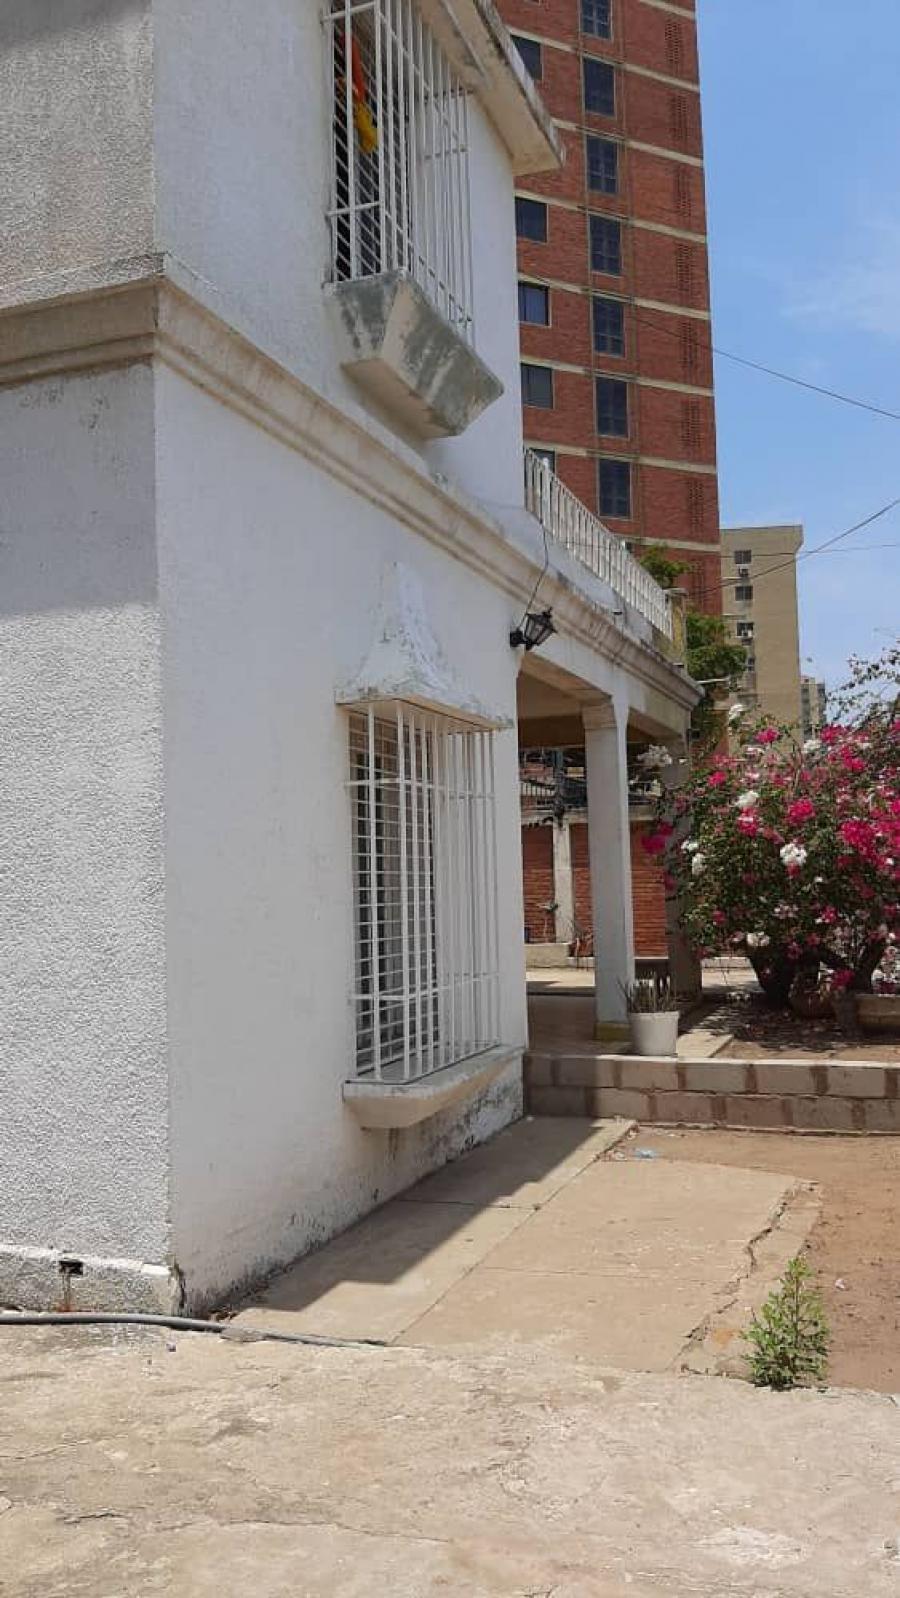 Foto Casa en Venta en Maracaibo, Maracaibo, Zulia - BsF 65.000 - CAV132806 - BienesOnLine